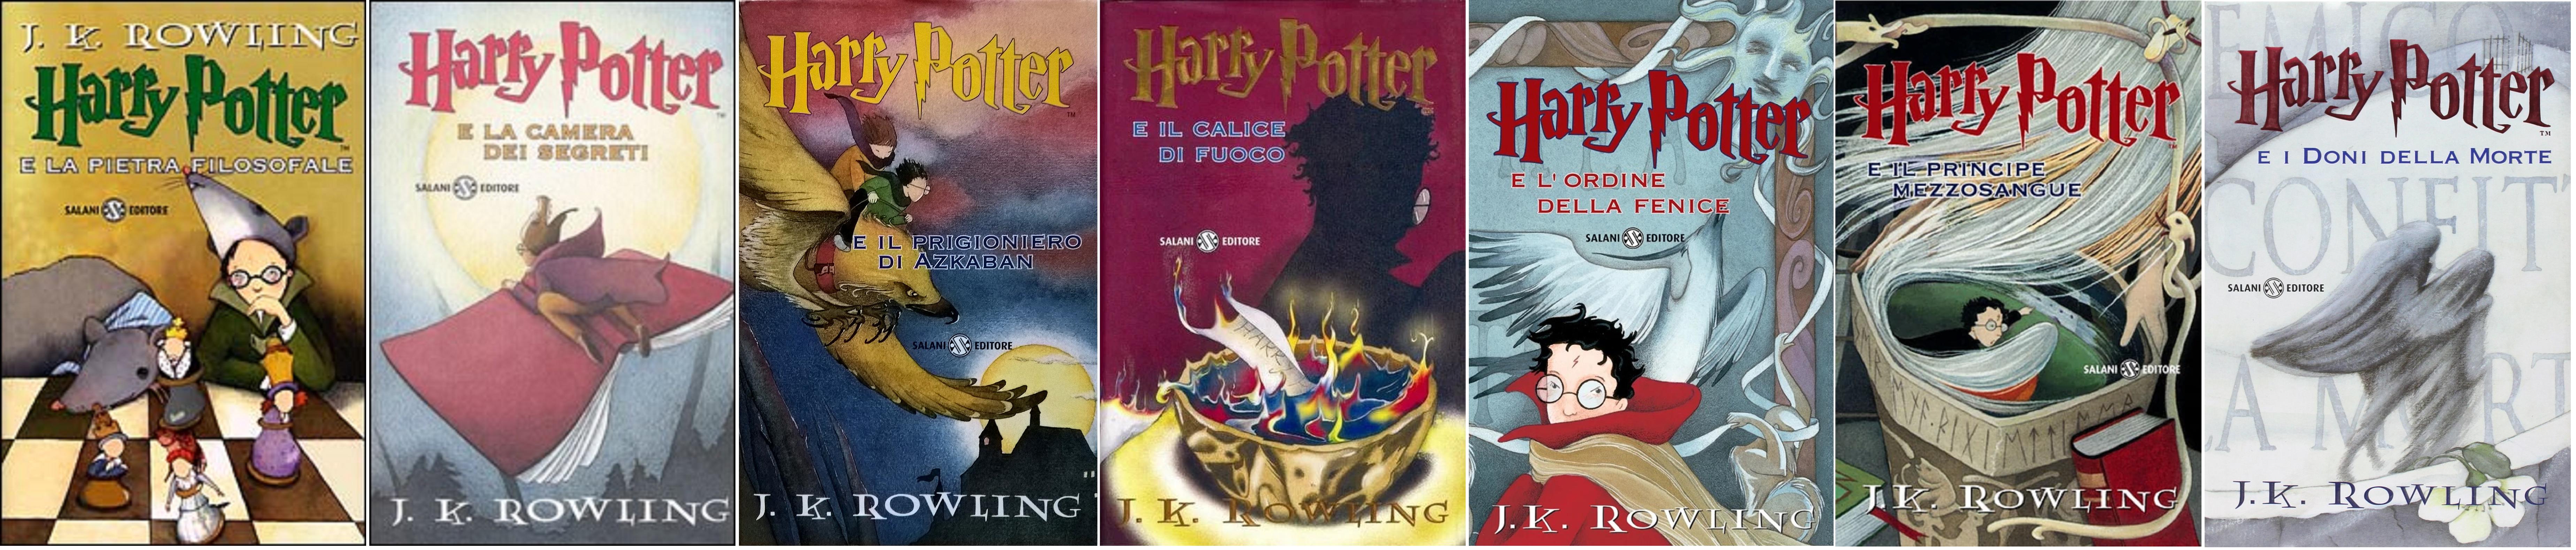 Harry Potter Saga Prima Edizione Serena Riglietti